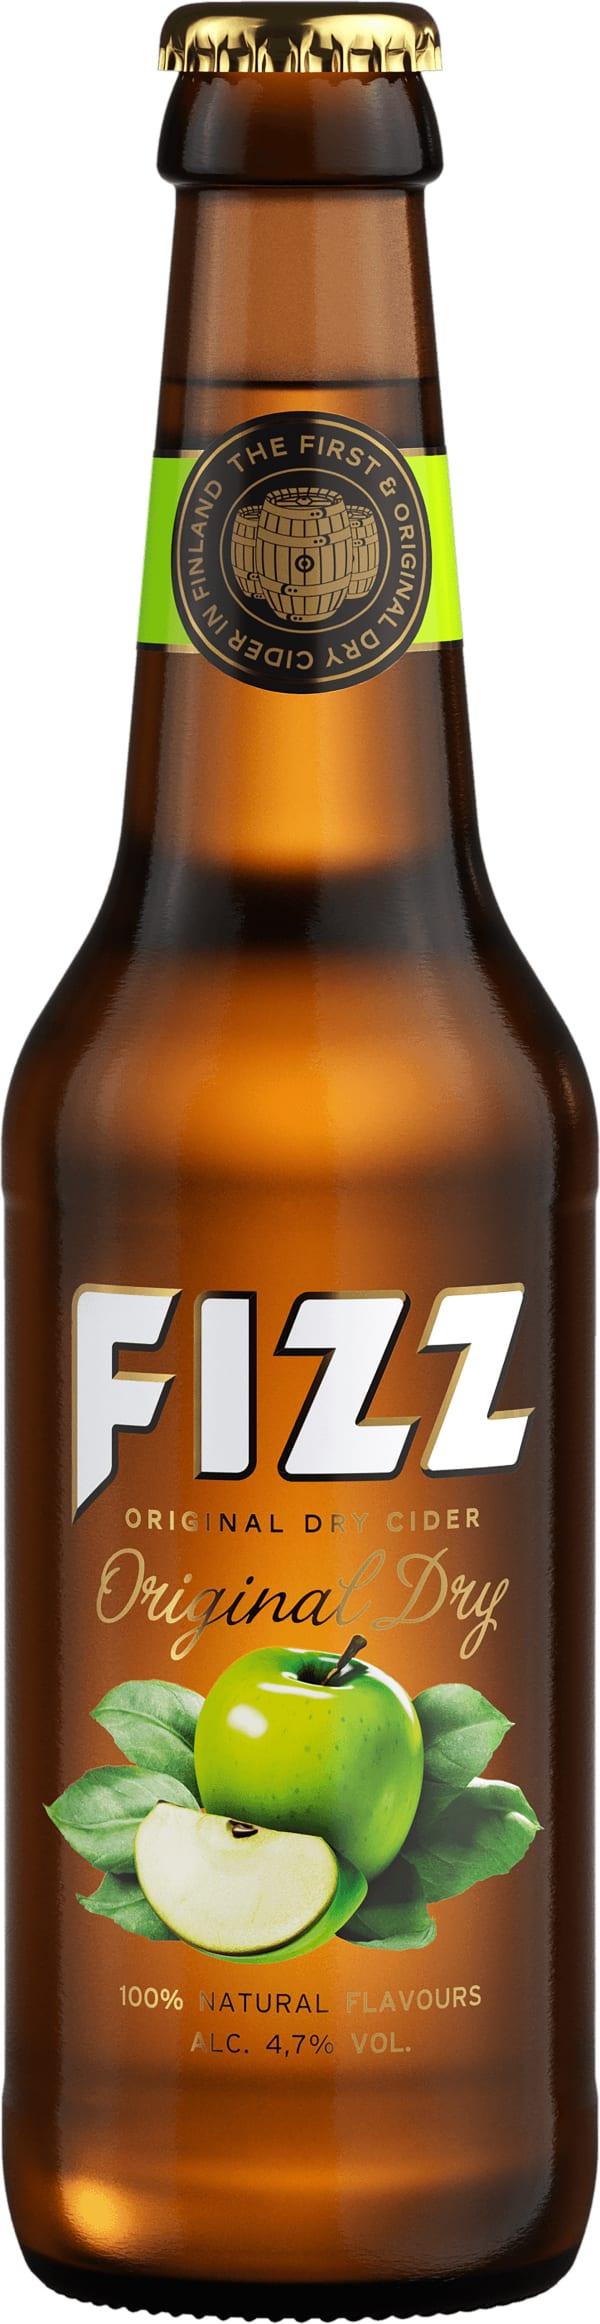 Fizz Original Dry